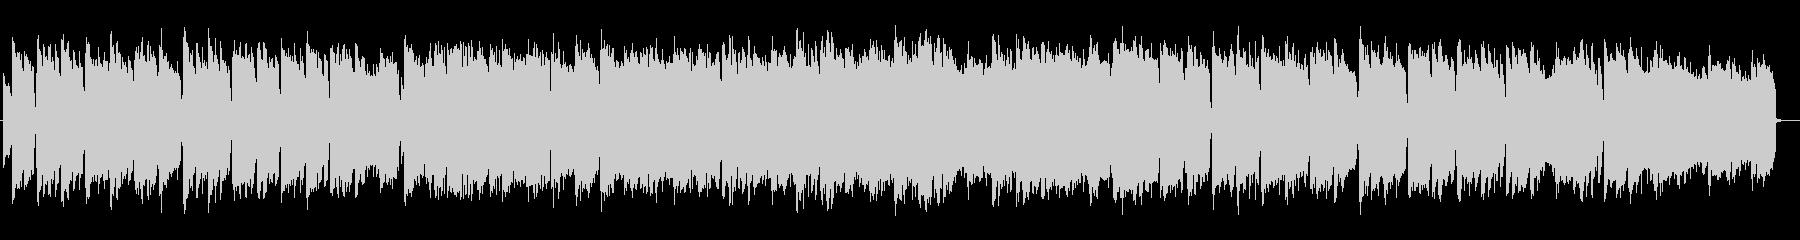 和のメロディ琴と尺八のアンビエントハウスの未再生の波形